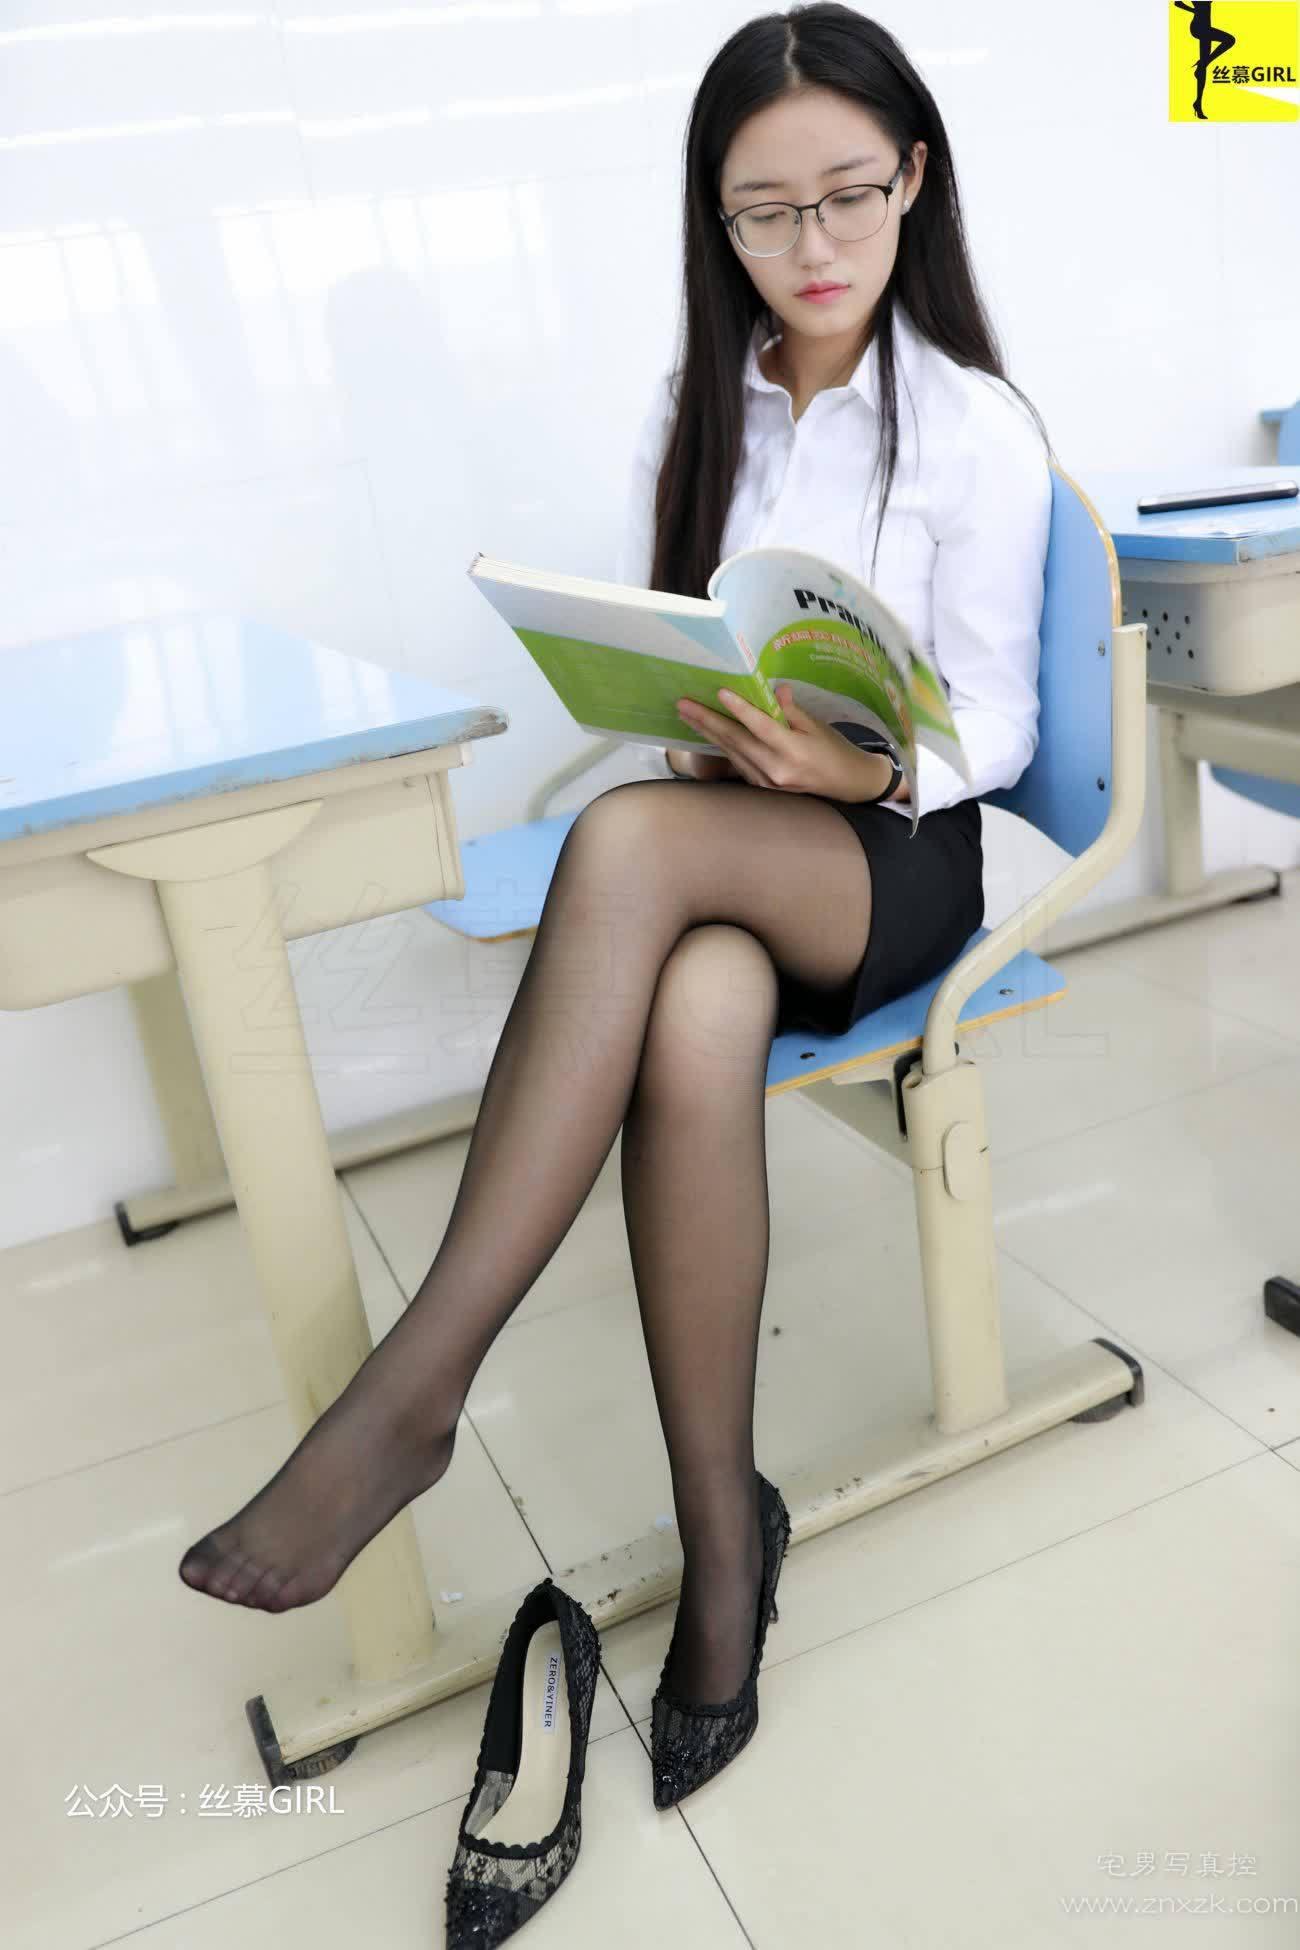 丝慕GIRL No.021 双双 作业交了吗